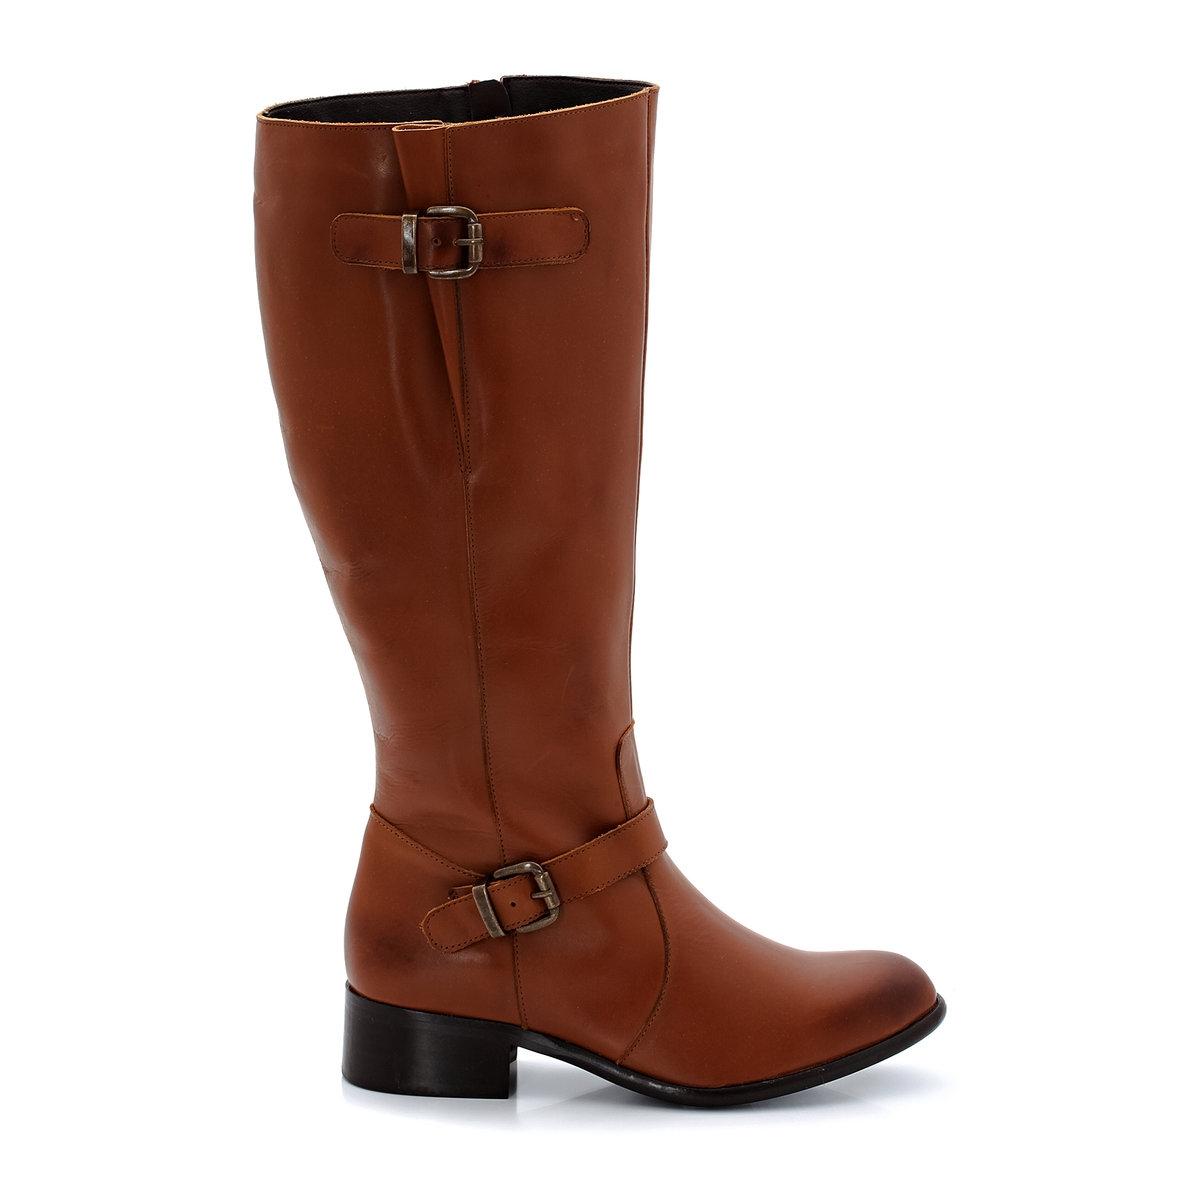 Сапоги из кожиПодошва: эластомер под креп. Высота каблука:  3,5 см. Высота голенища:  38 см. Обхват икры: от 41 до 48 см. Застежка:  молния сбоку. Плюс модели: регулируемый клапан вверху голенища для оптимального комфорта, а также красивые ремешки с пряжками.Соответствие между размером обуви и обхватом икры:- размер 38/39 : обхват икры от 41 до 42 см- размер 40/41 : обхват икры от 43 до 44 см- размер 42/43 : обхват икры от 45 до 46 см- размер 44/45: обхват икры от 47 до 48 см<br><br>Цвет: темно-бежевый<br>Размер: 41.38